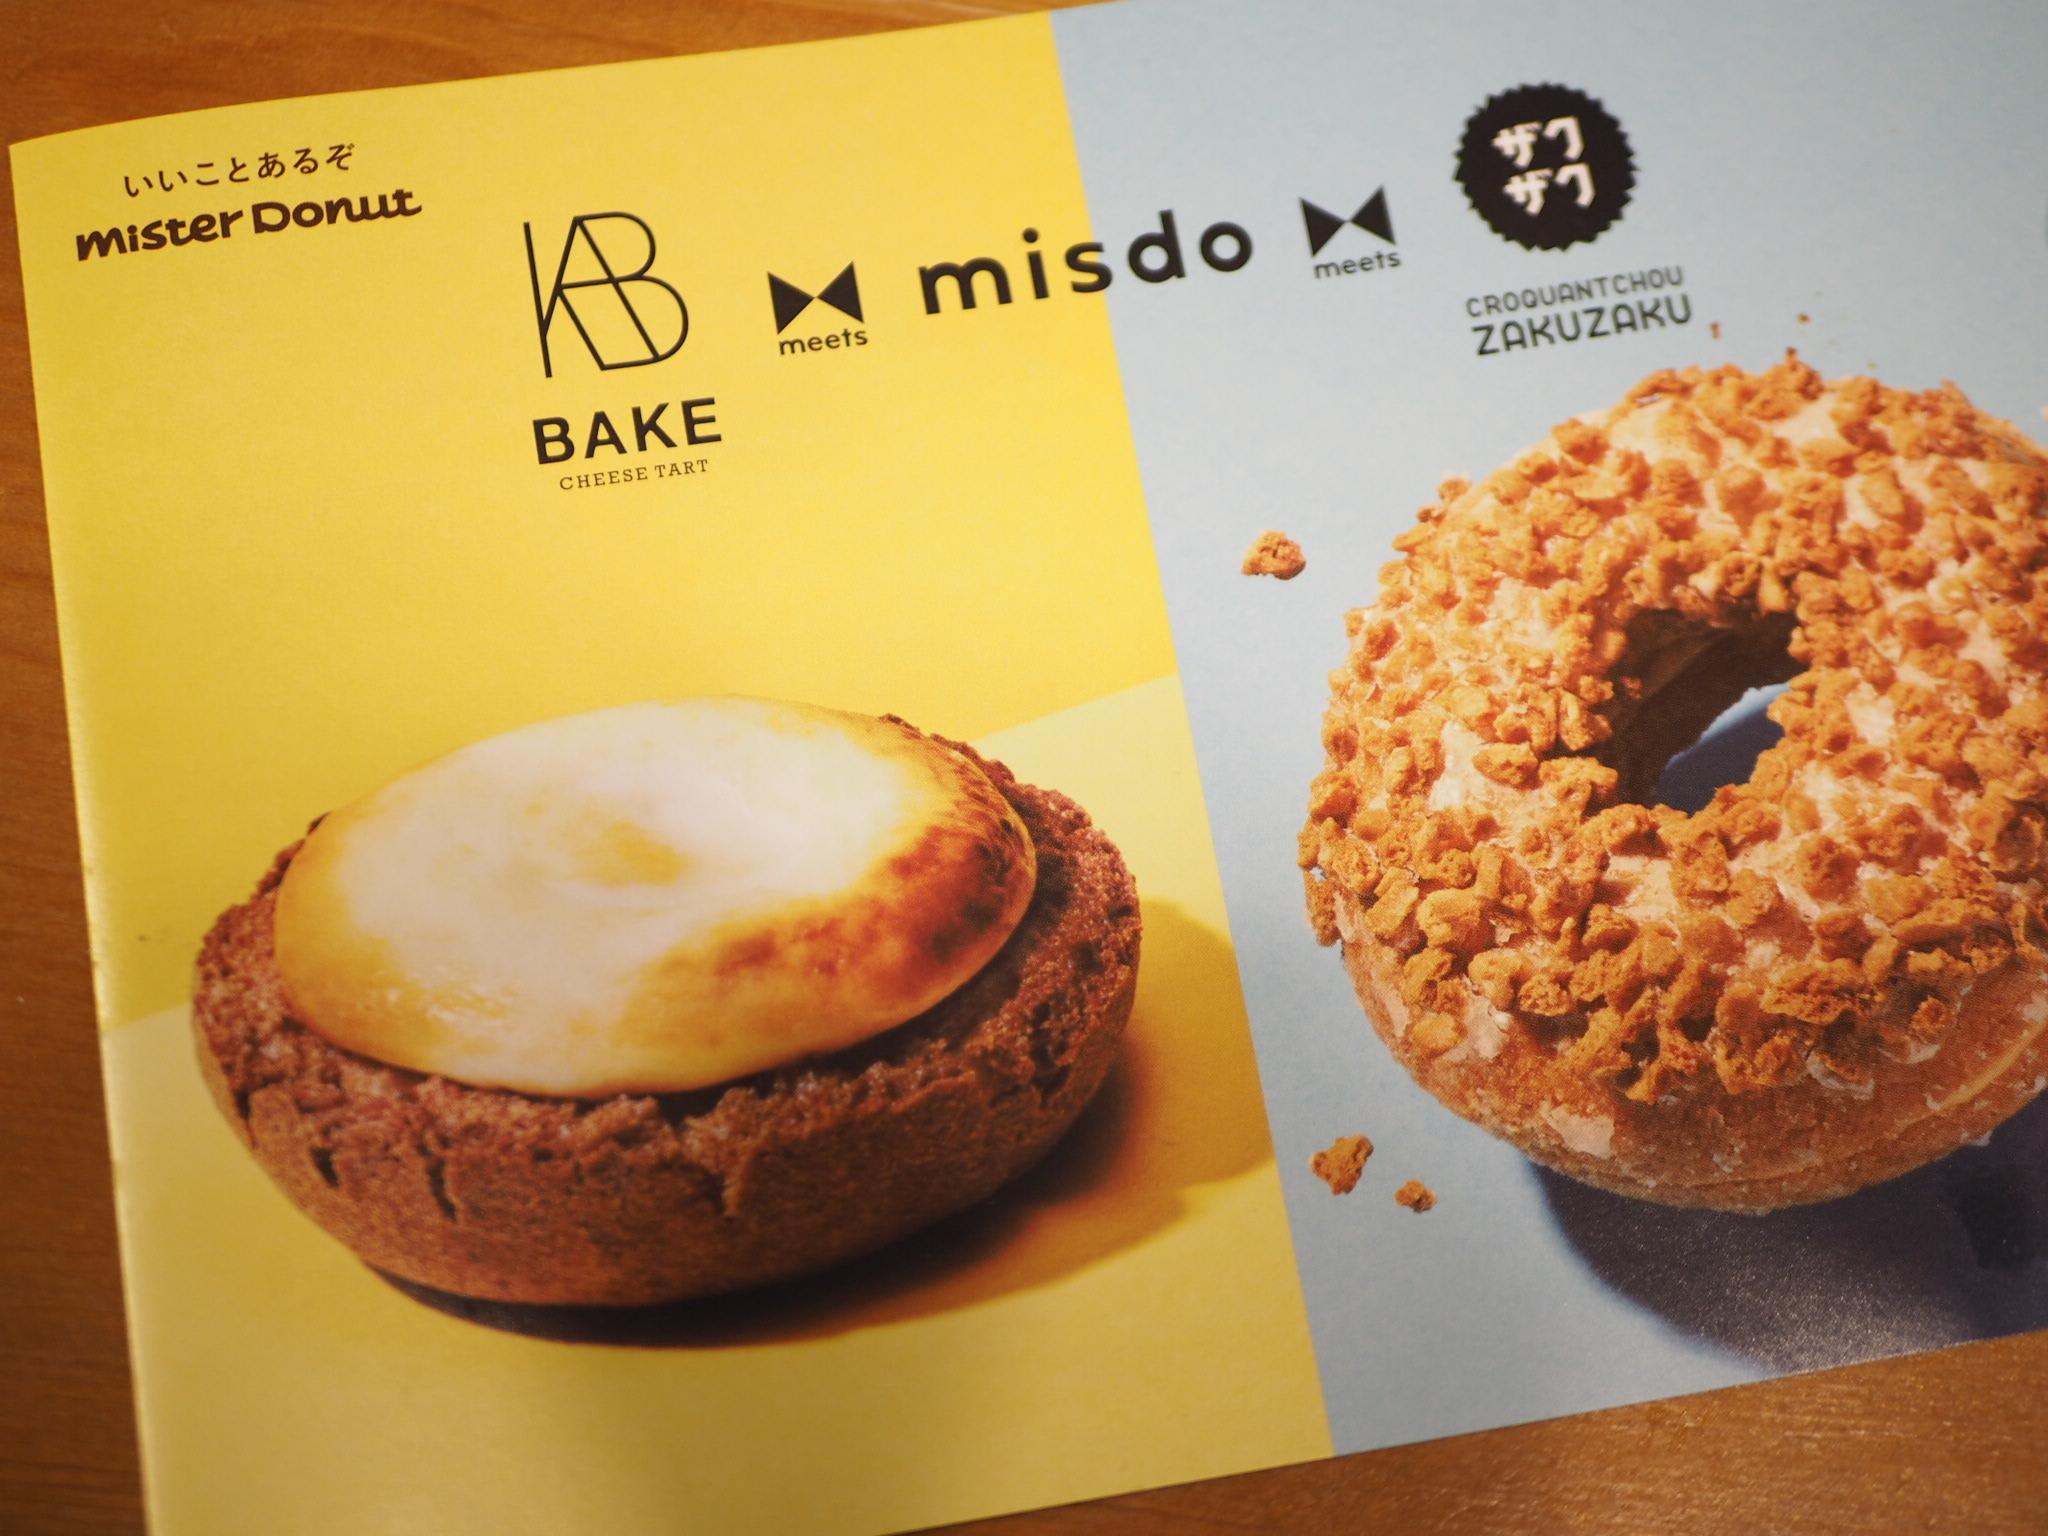 【ミスタードーナツ新作】間違いない神コラボ!「misdo meets BAKE & ZAKUZAKU」✌︎♡⋈_2